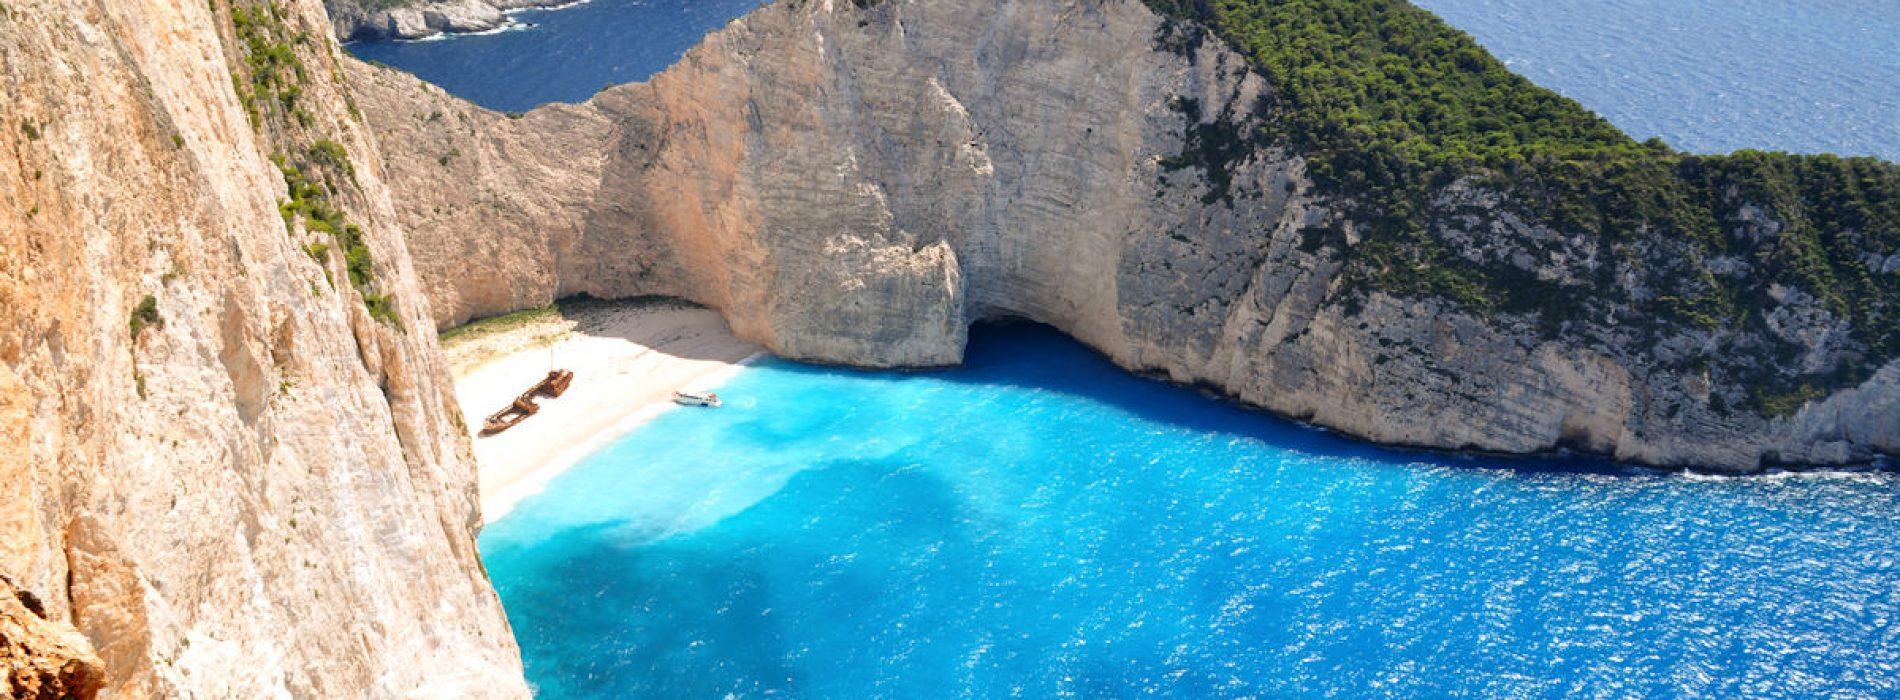 Ucuz Gidebileceğiniz Yunan Adaları